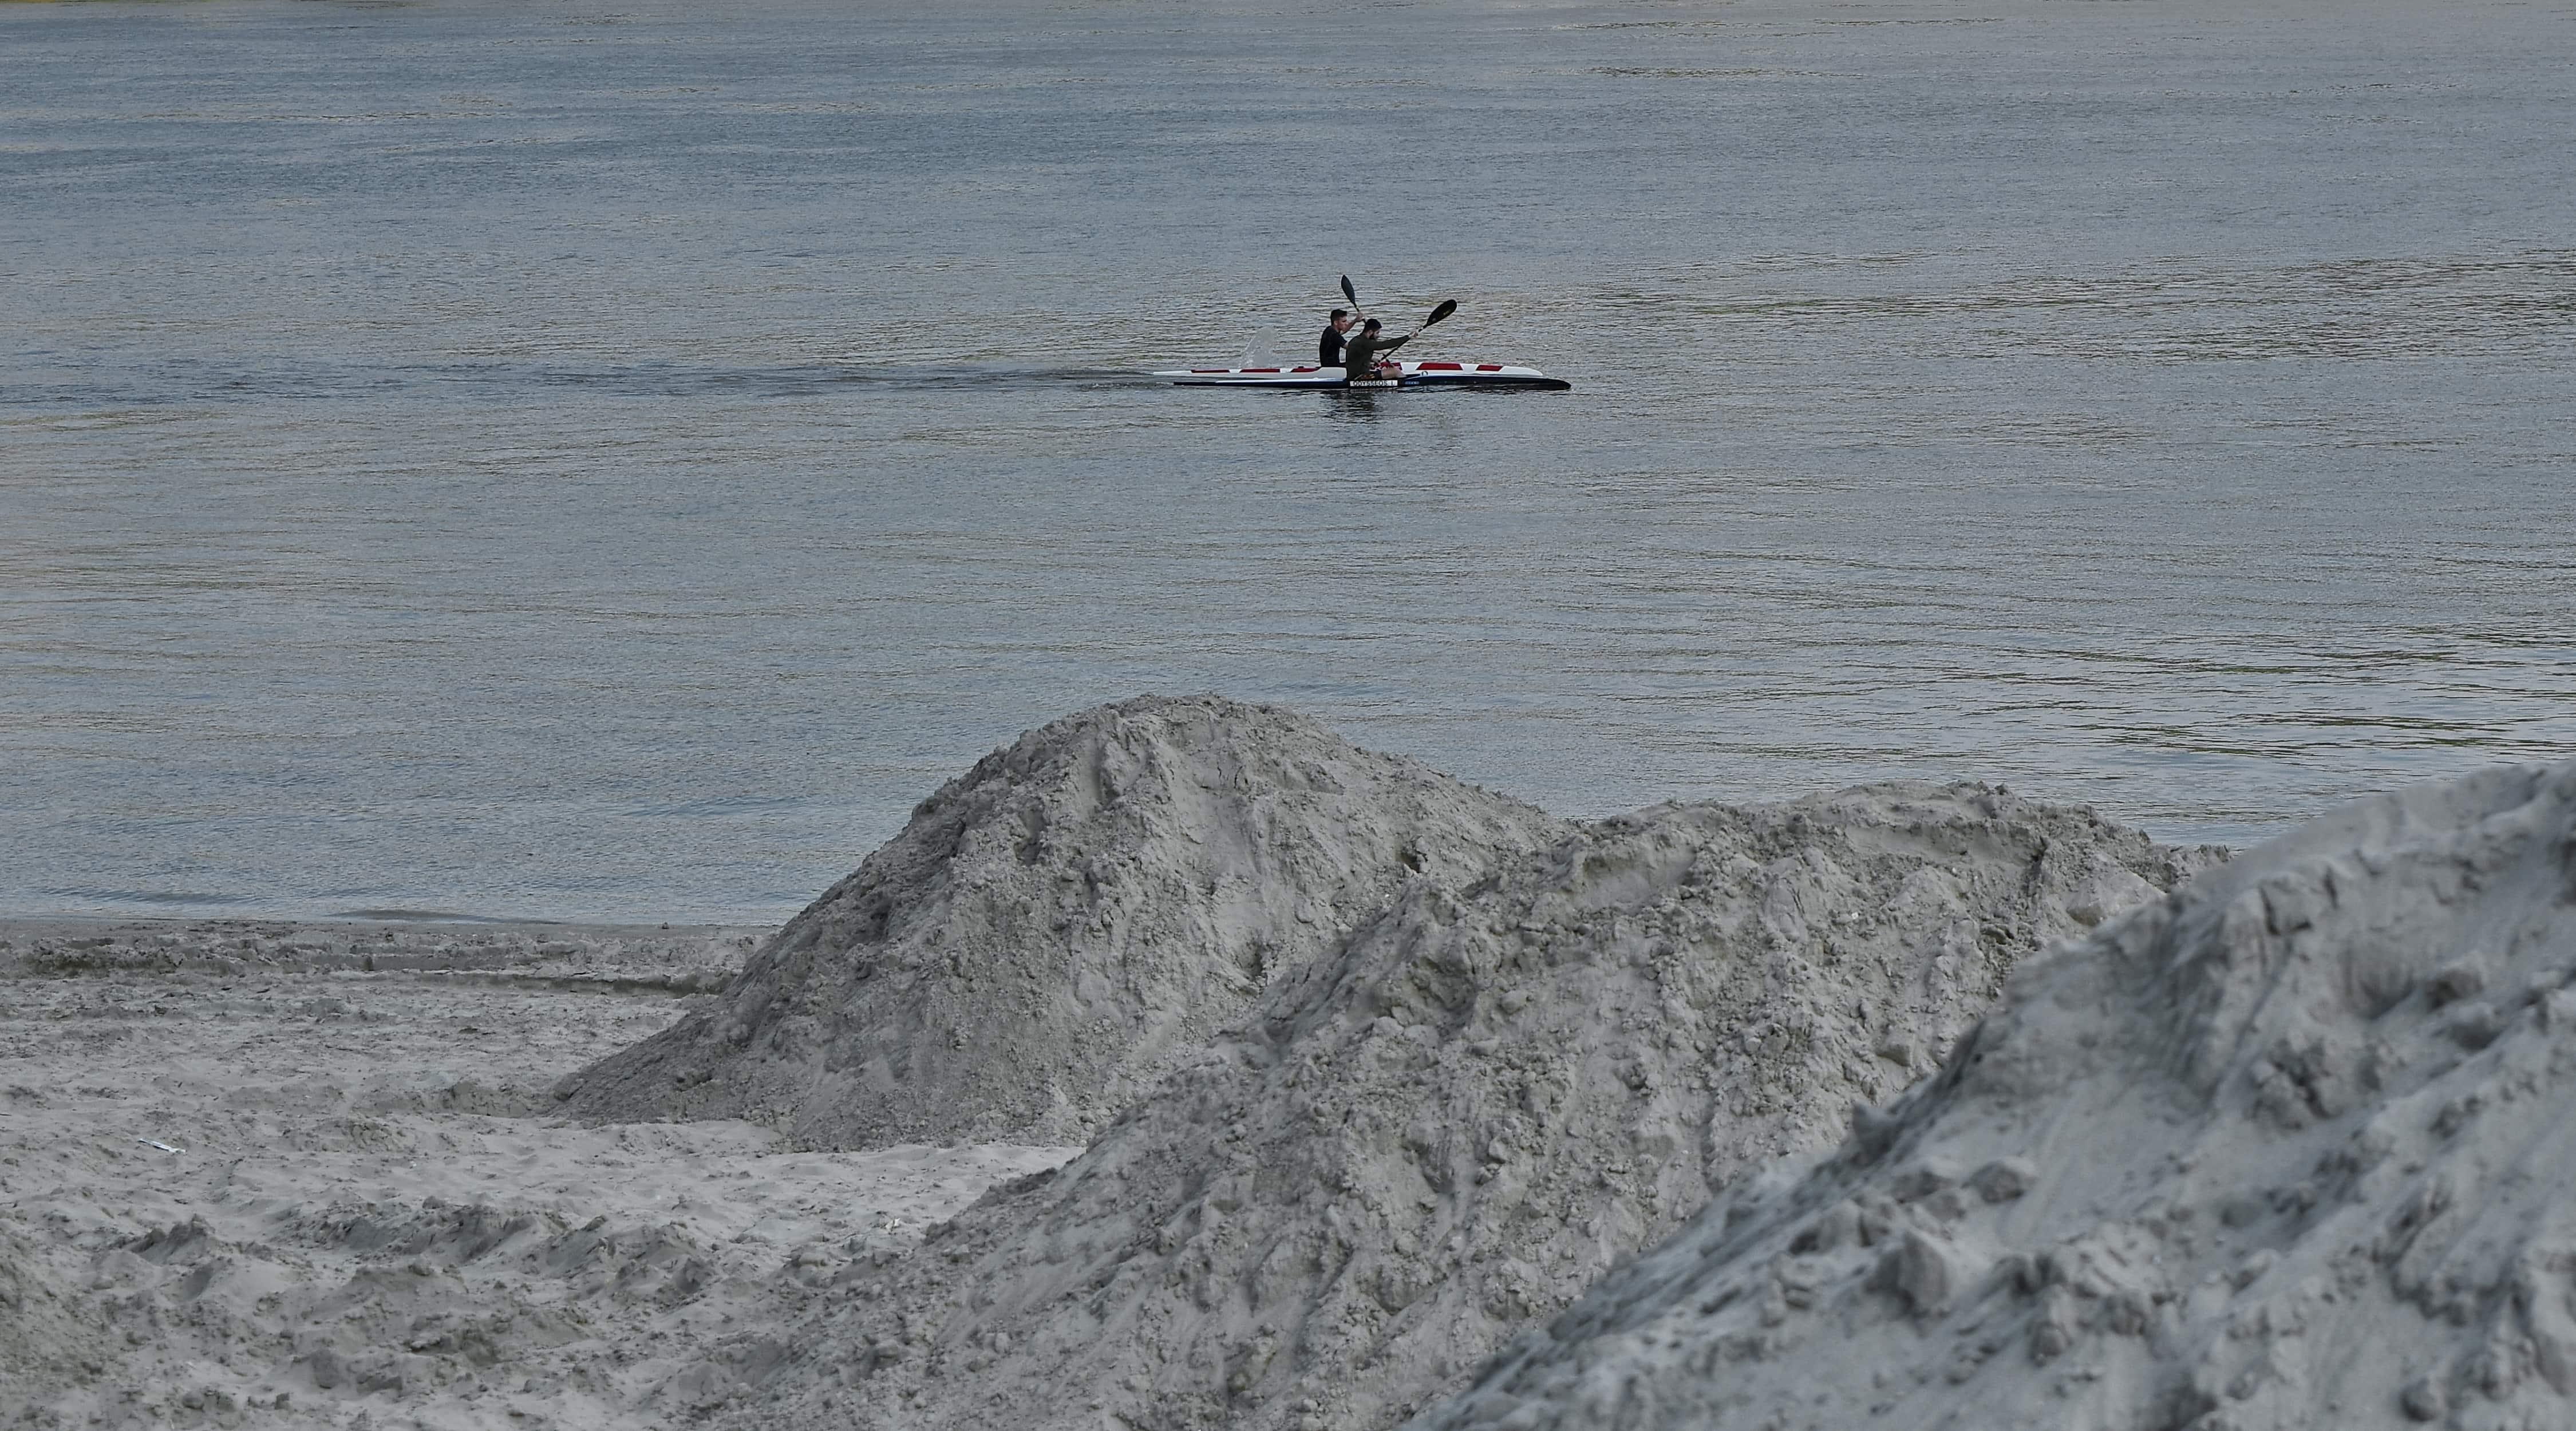 Free picture: water, sea, kayak, boat, canoe, seashore